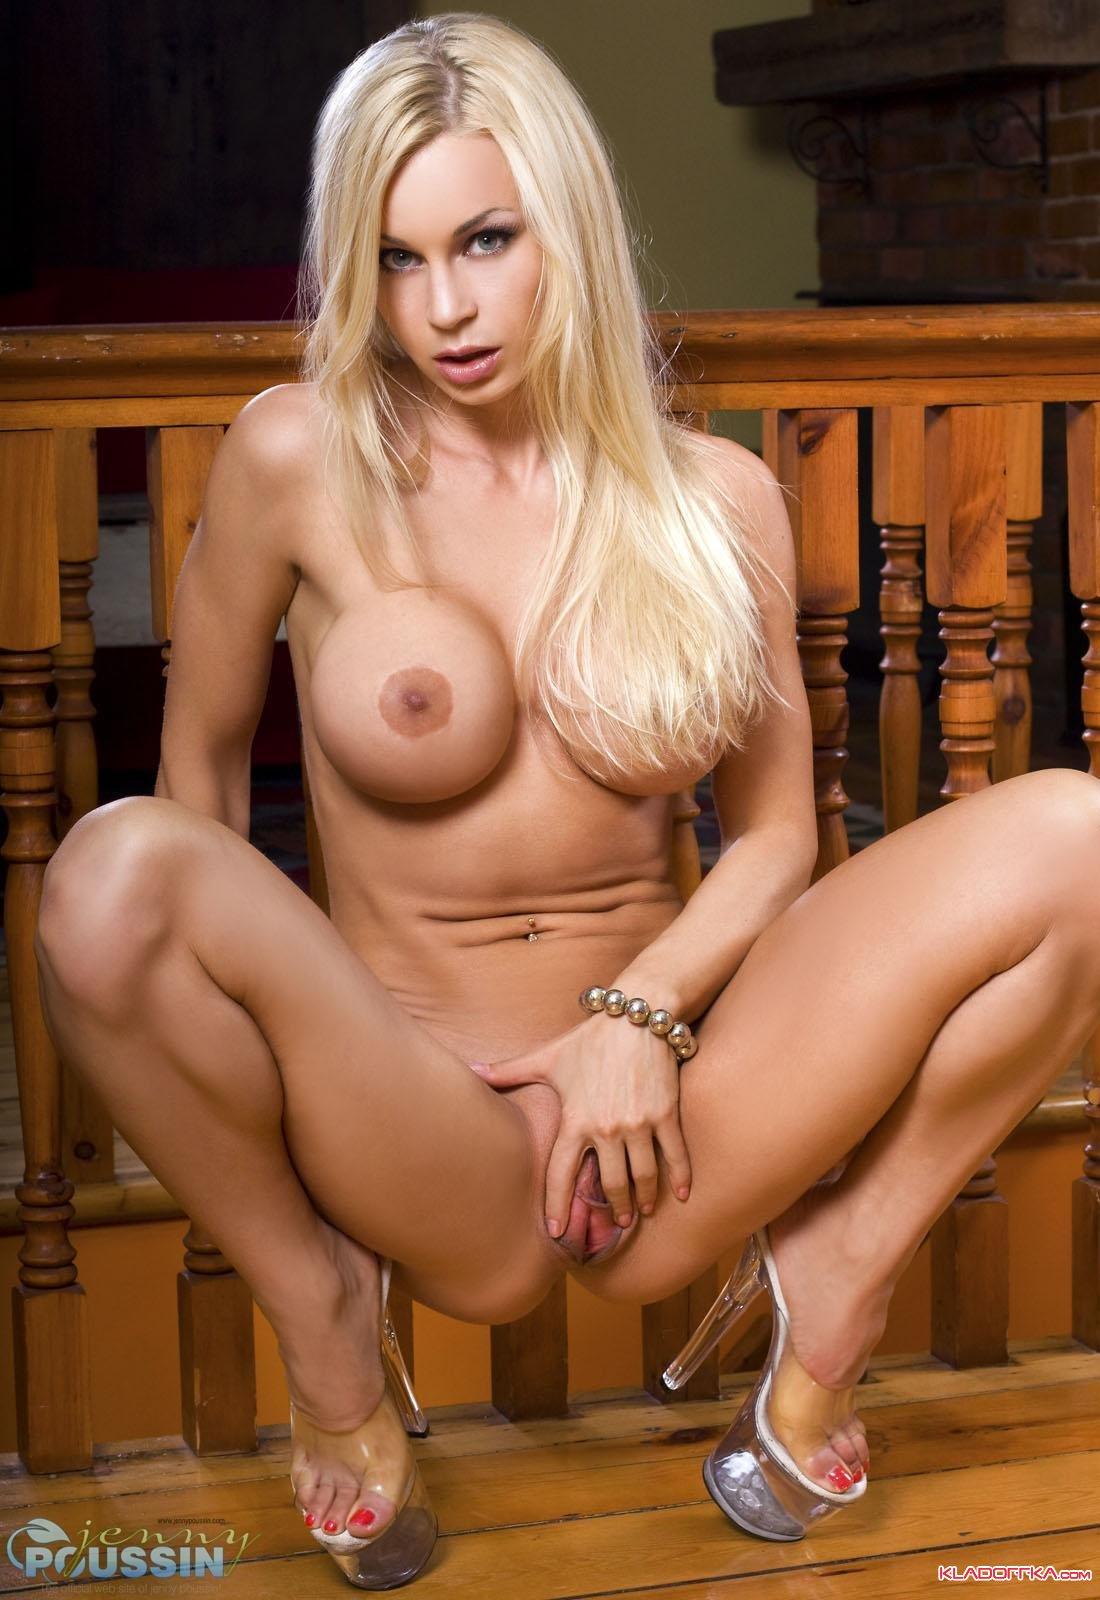 Full porn image galleries